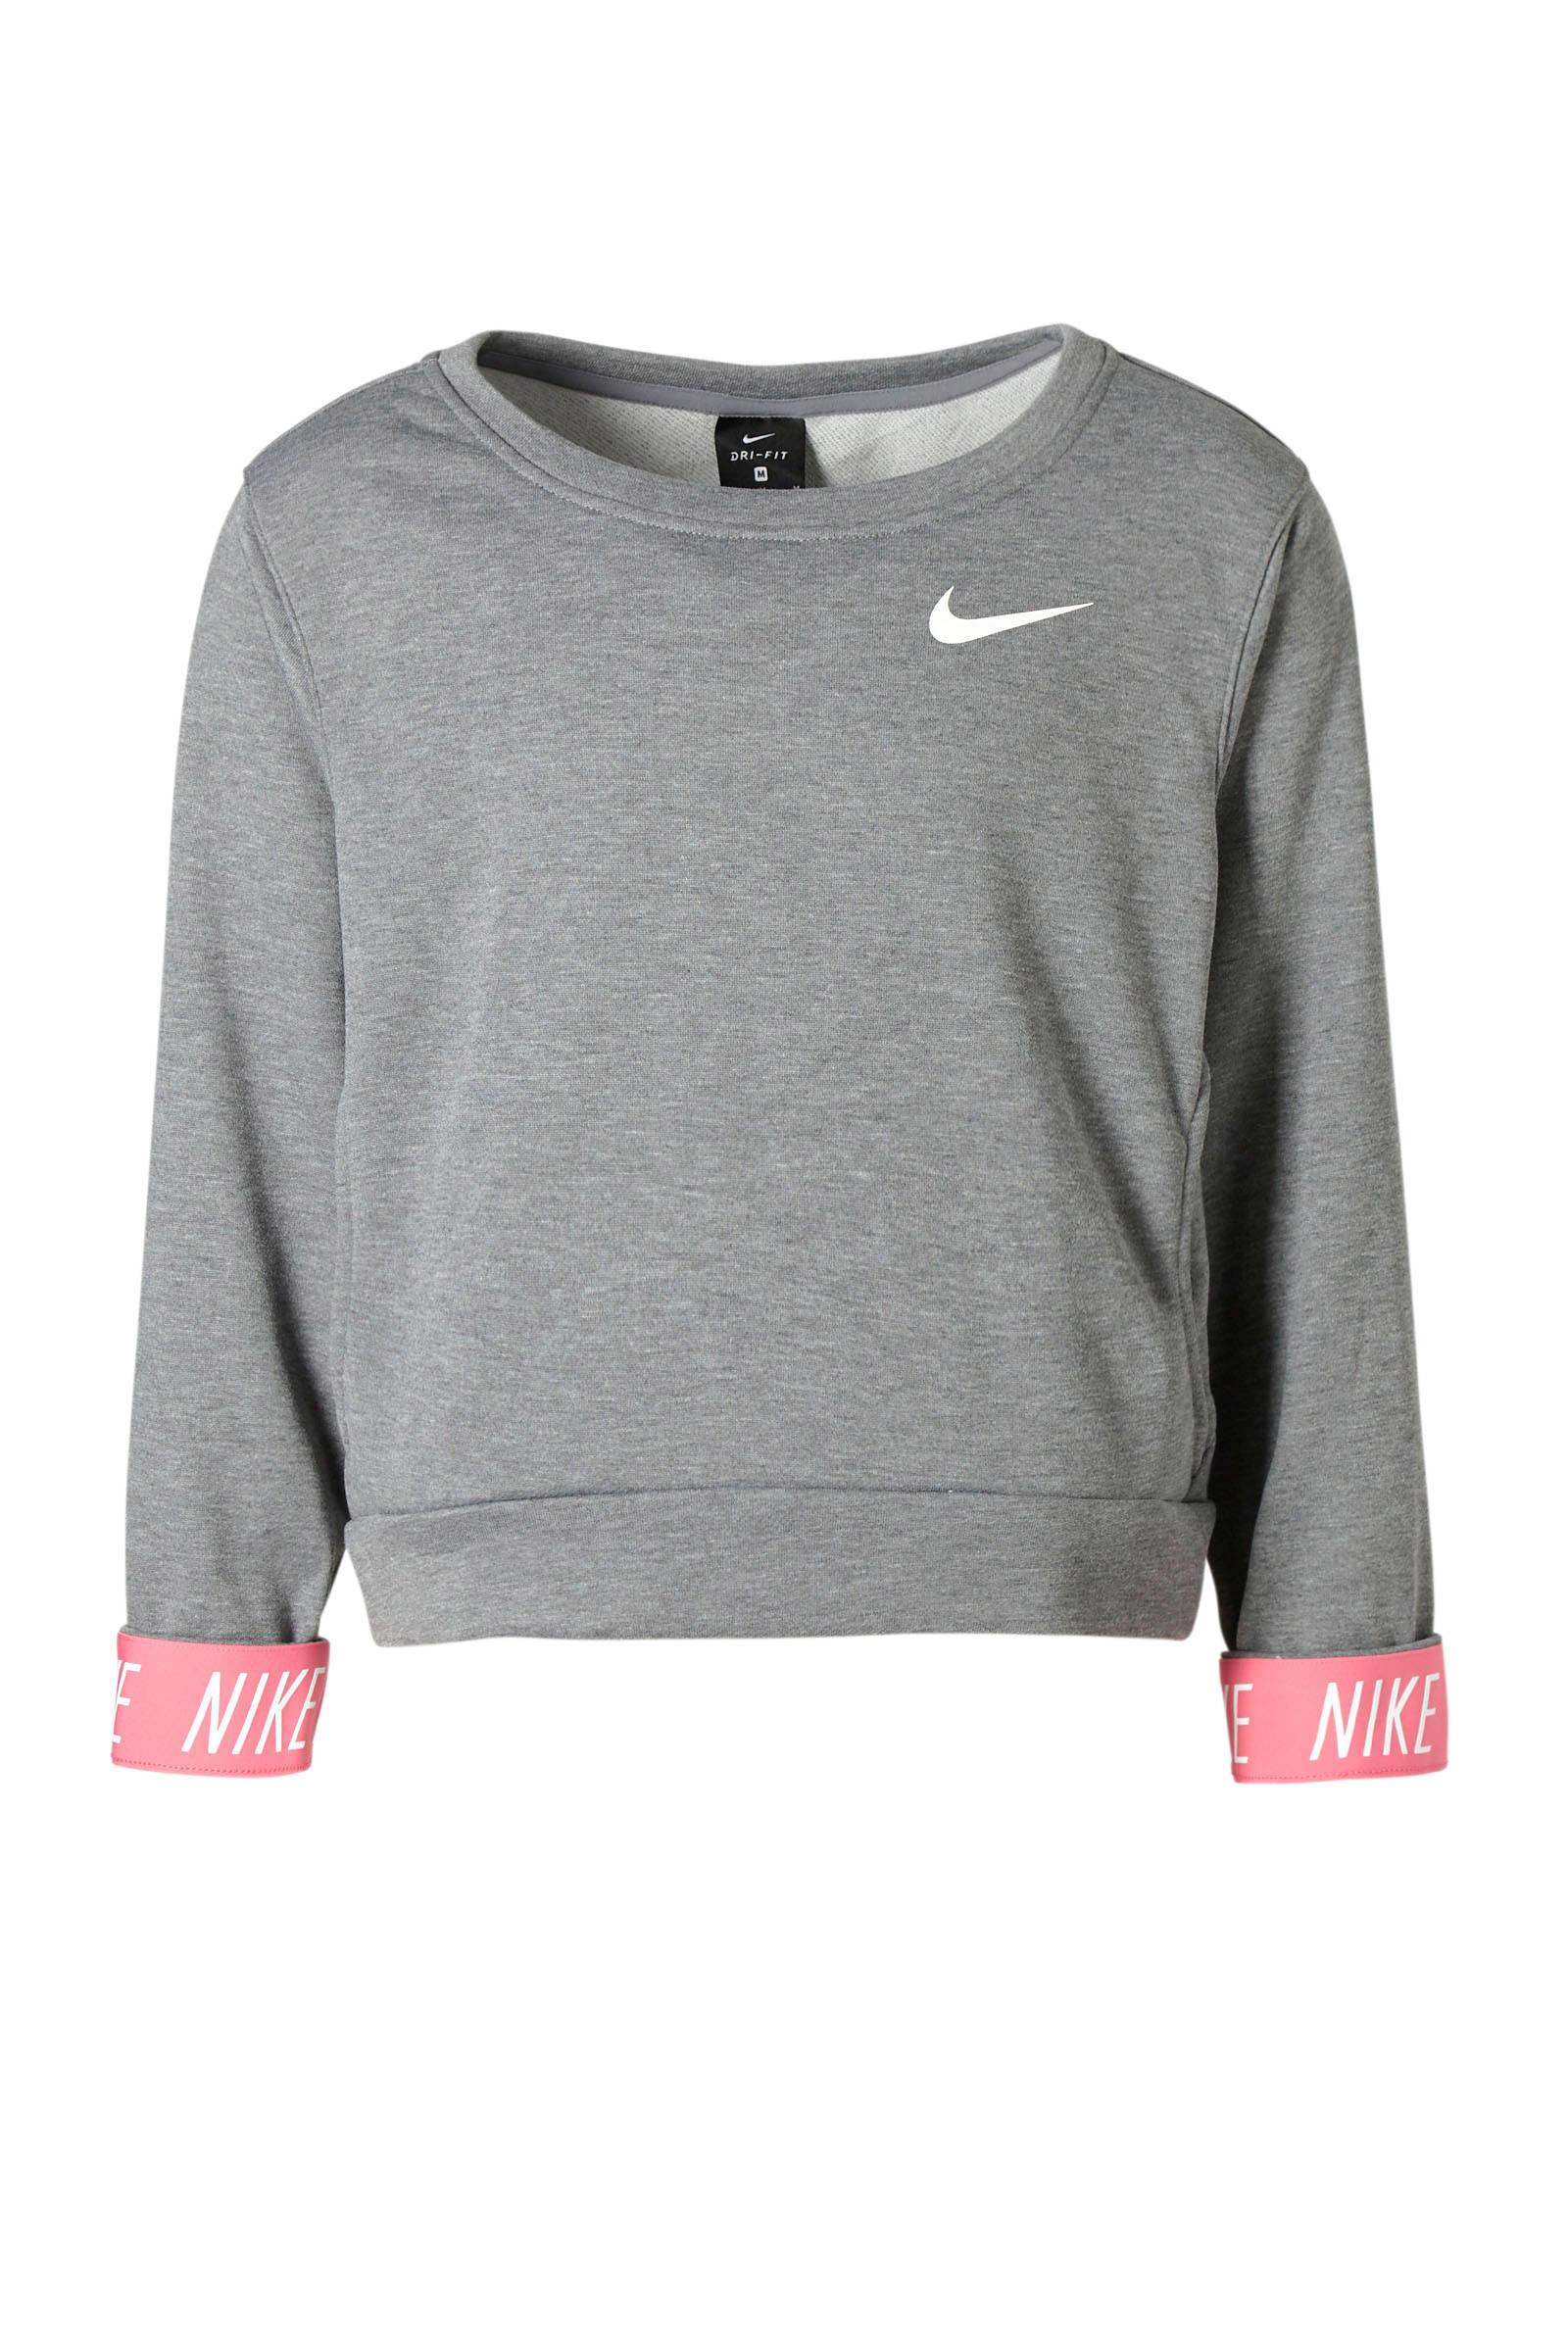 2fb680d8114 Nike sweater grijs   wehkamp